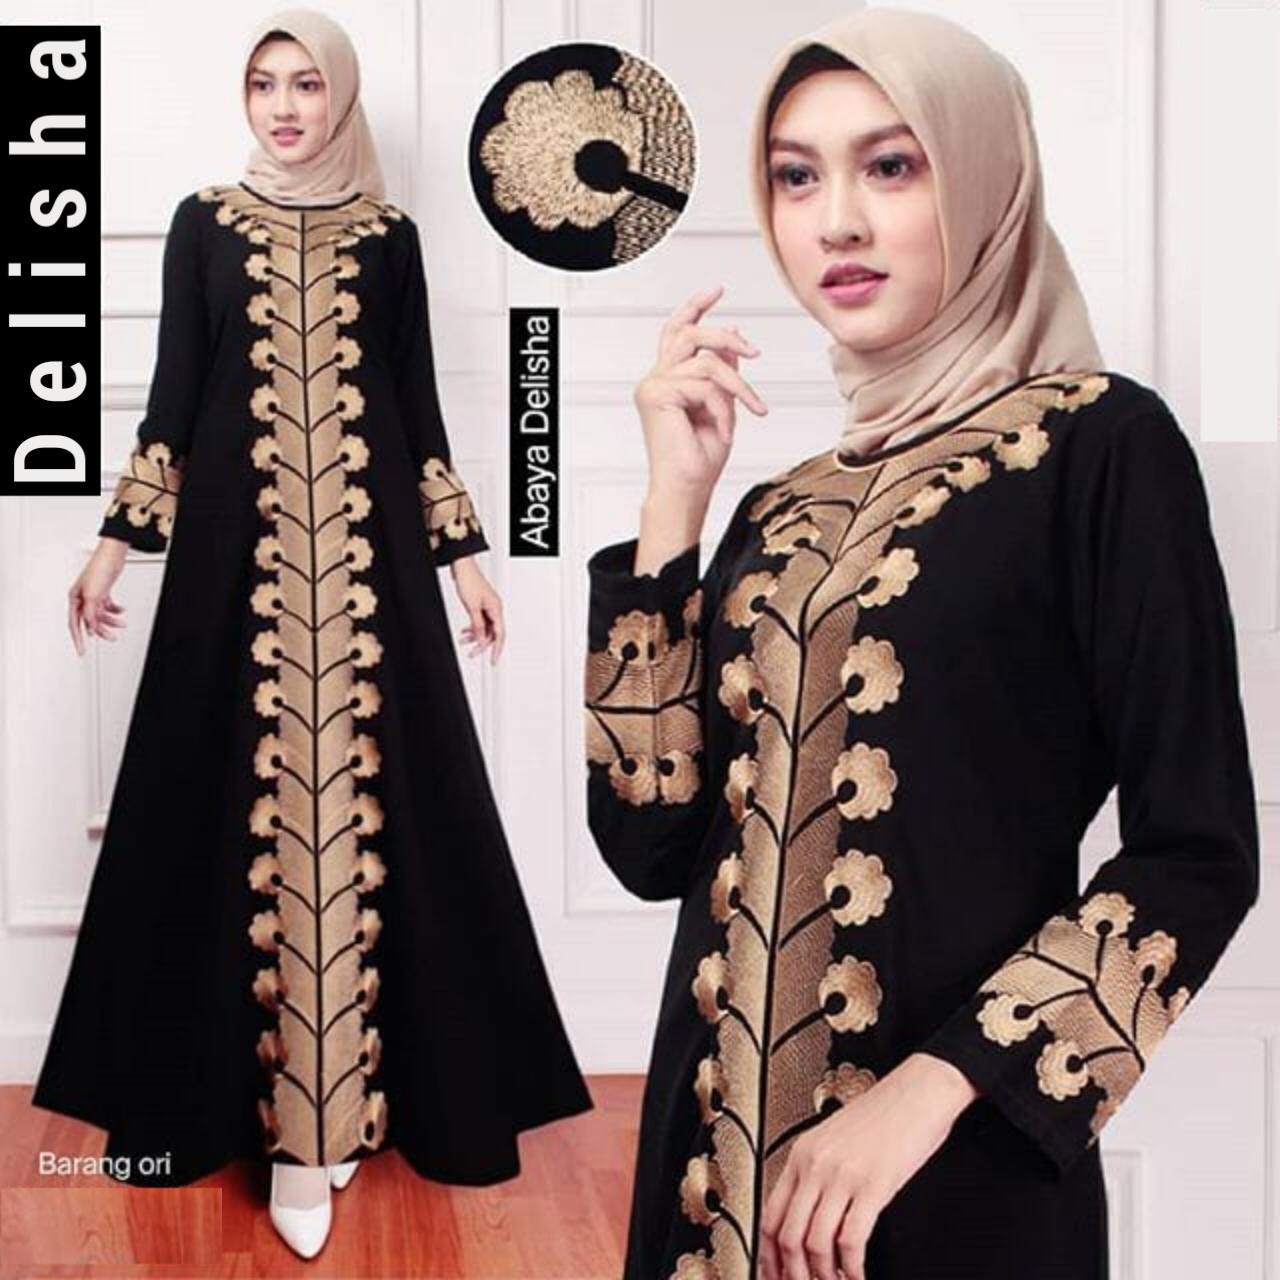 Baju gamis abaya arab turki dubai wanita muslim terbaru 11 bordir asli  bukan tempelan